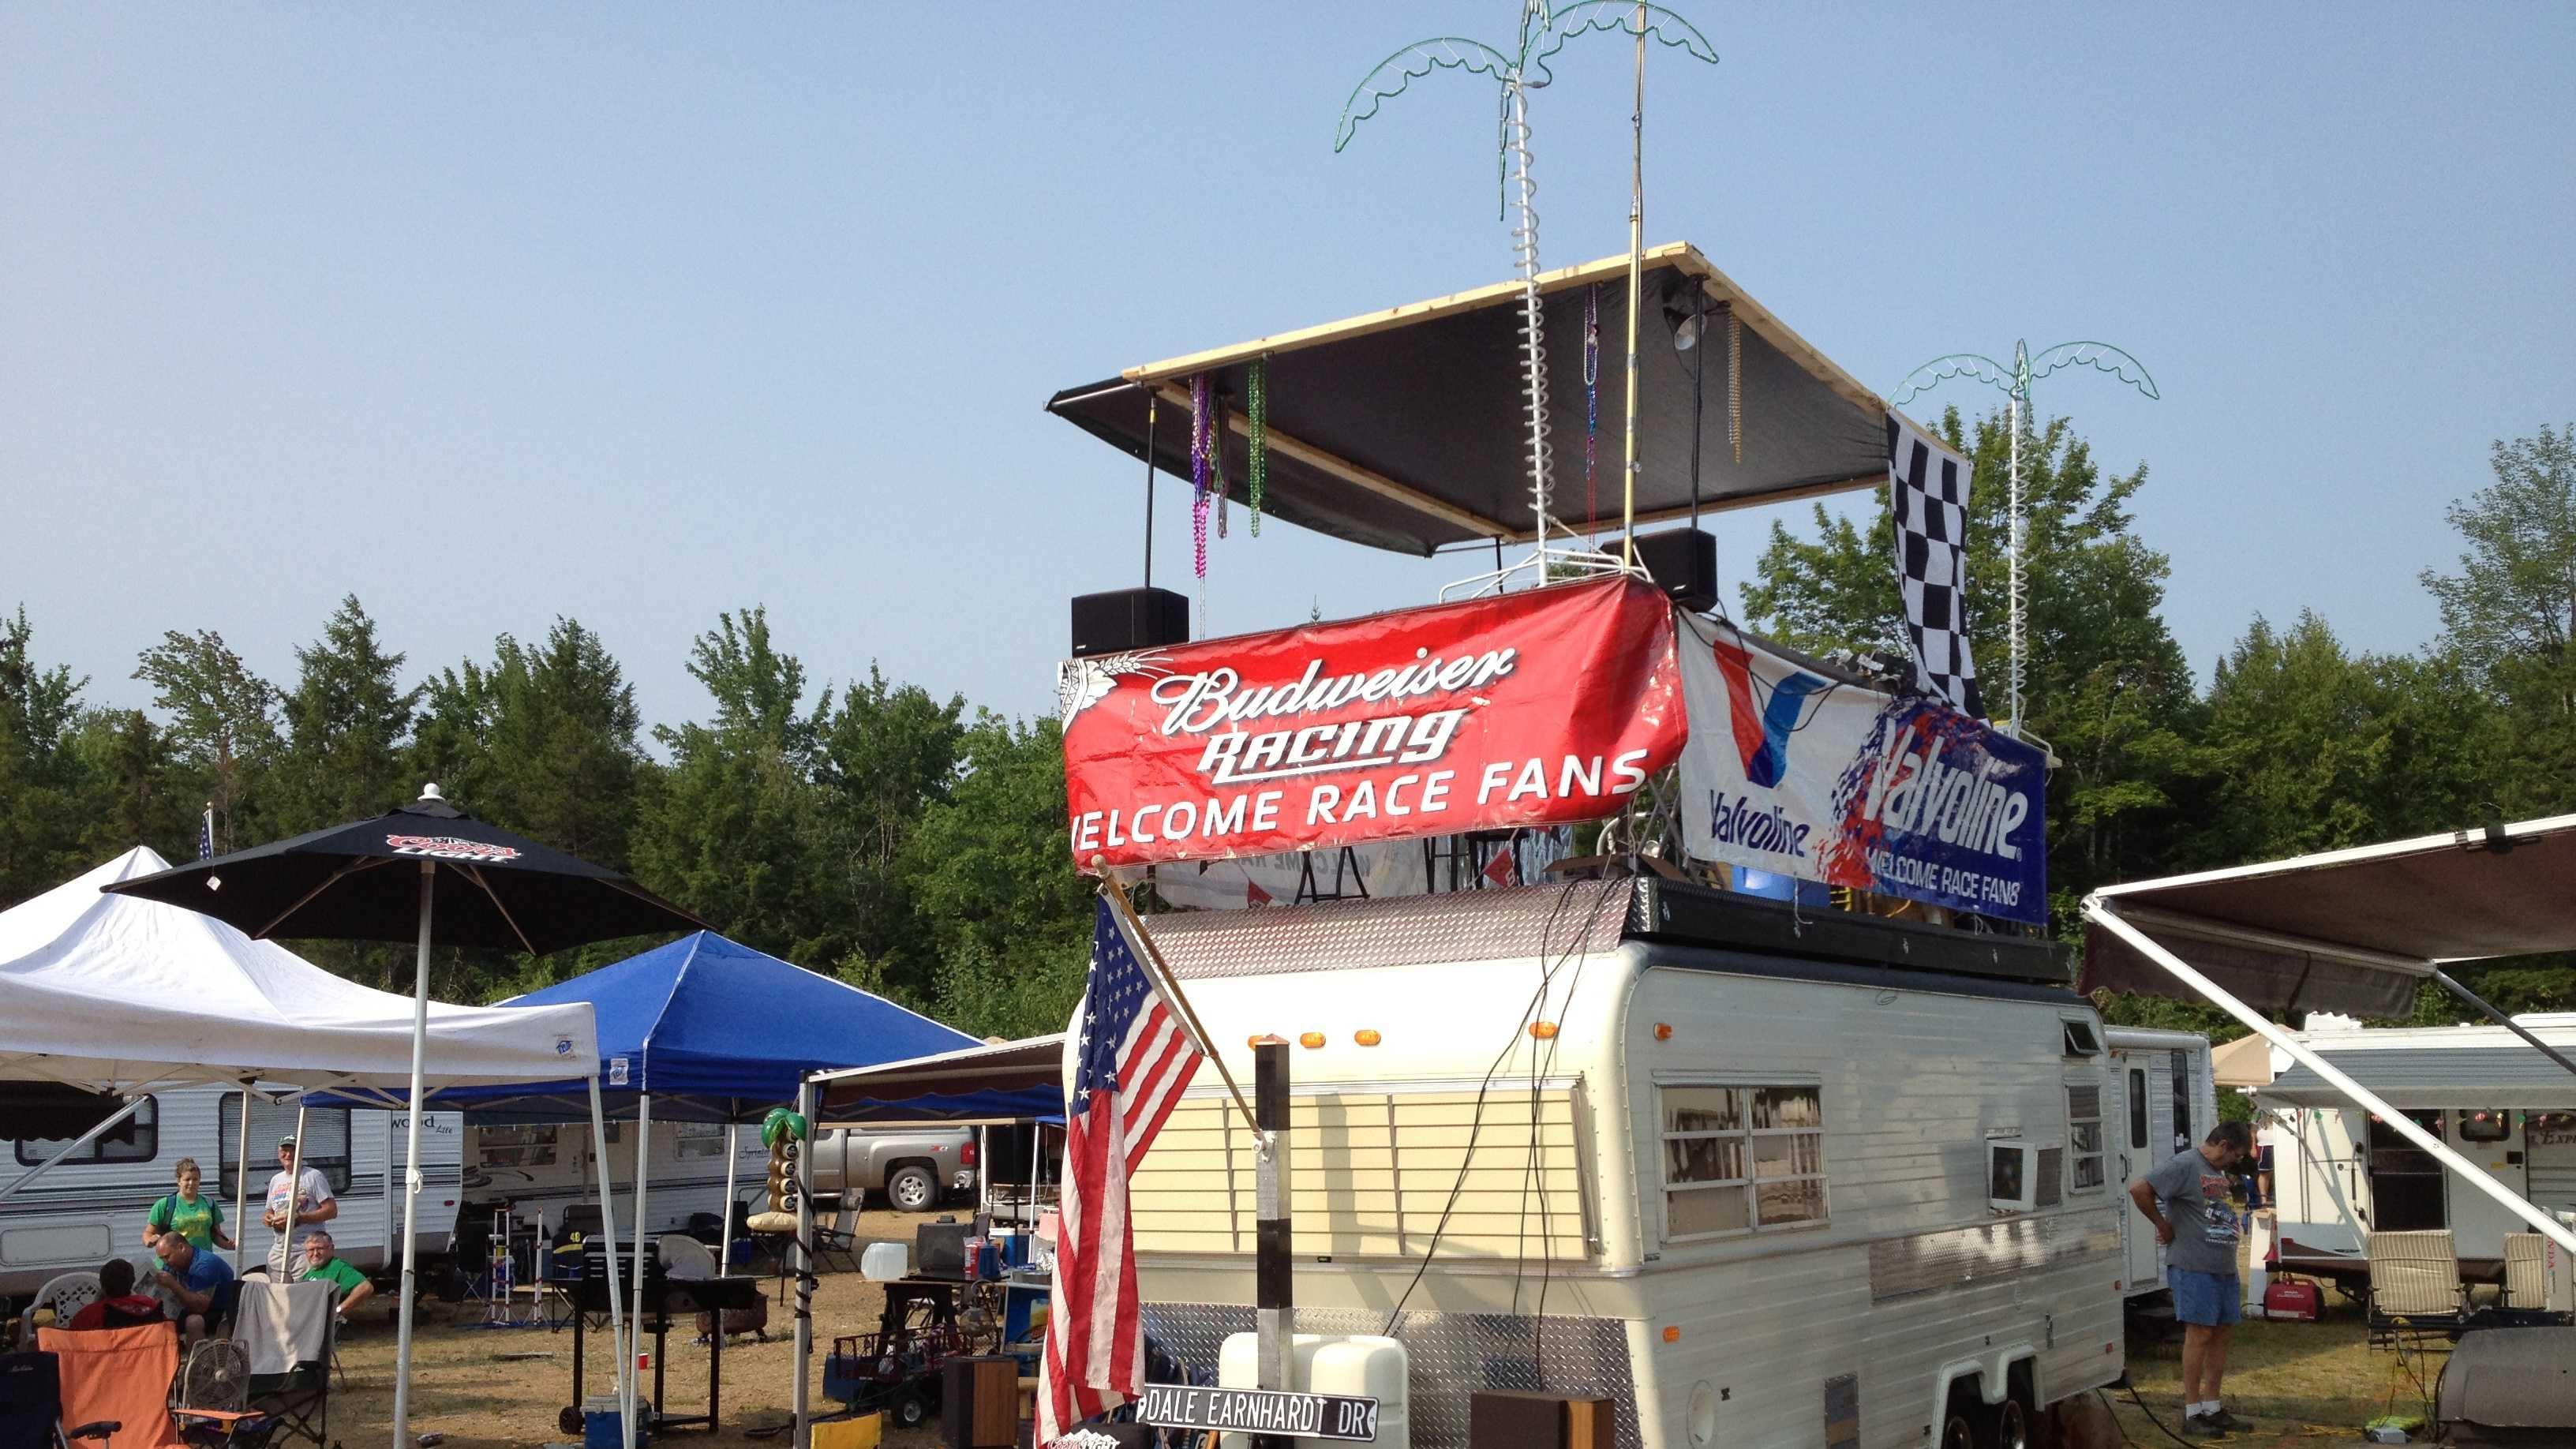 NASCAR fans arrive